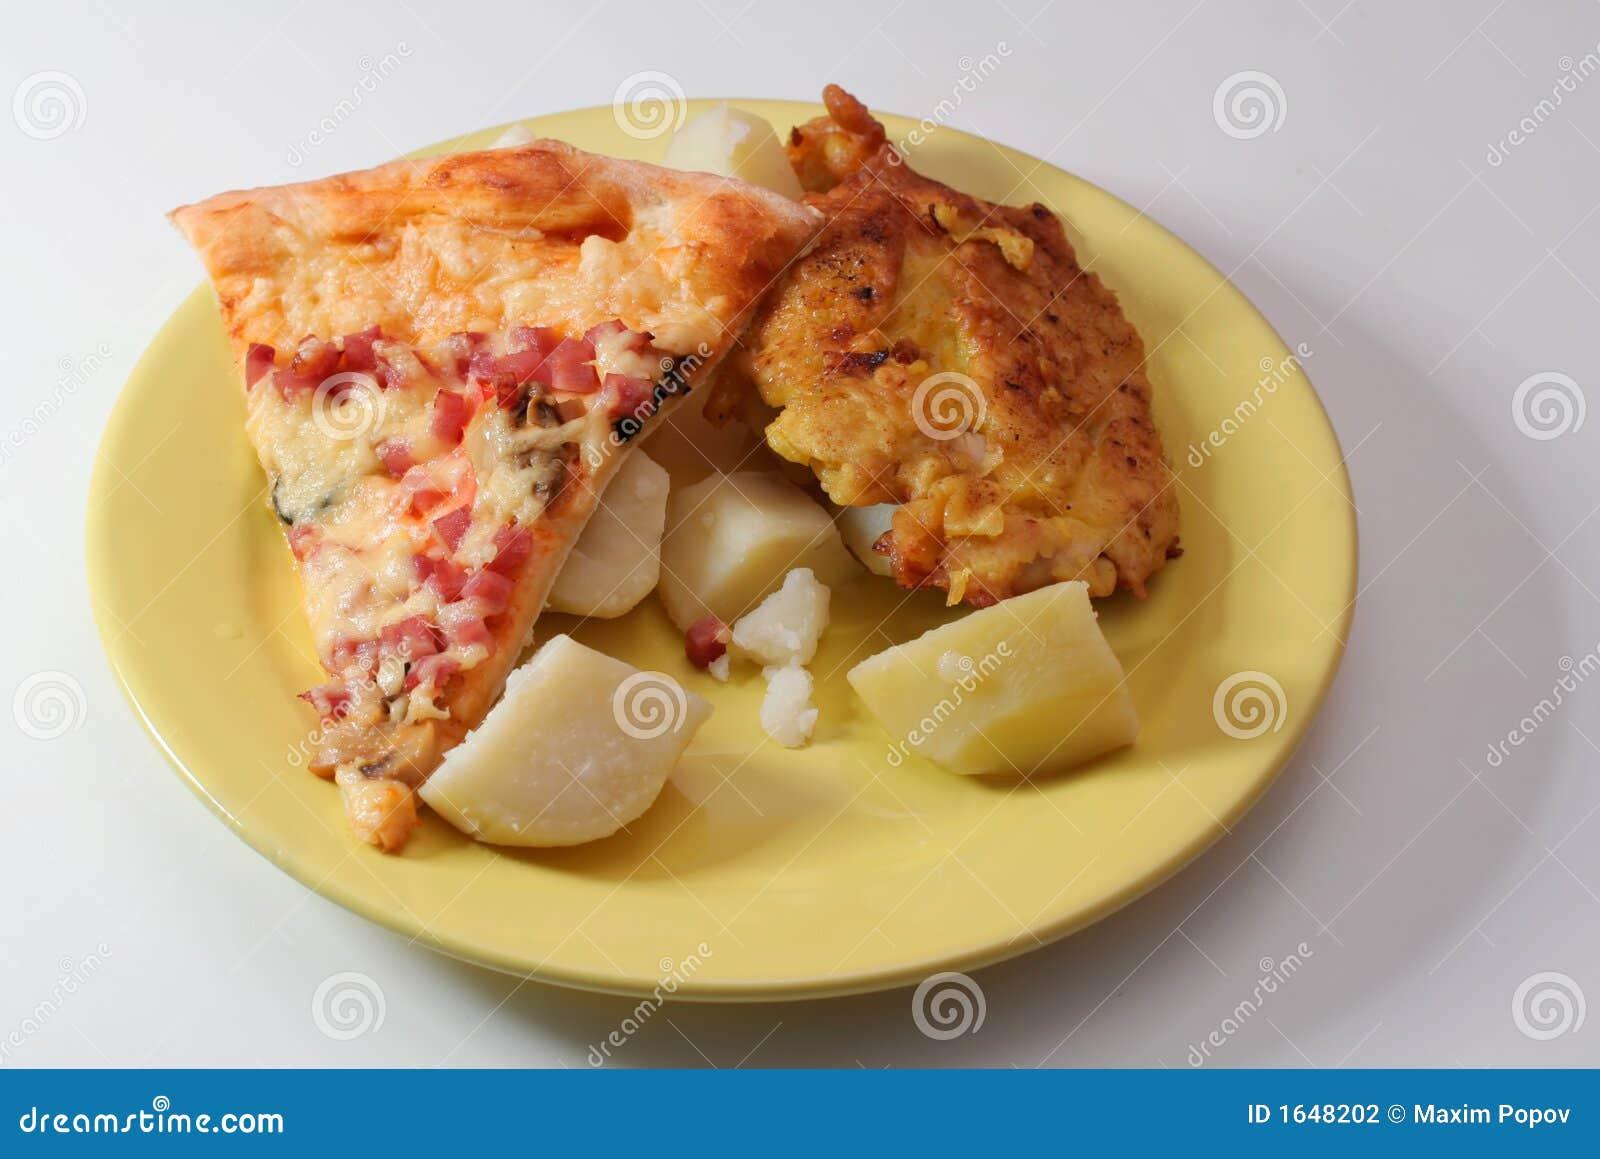 Pizza, viande et pommes de terre